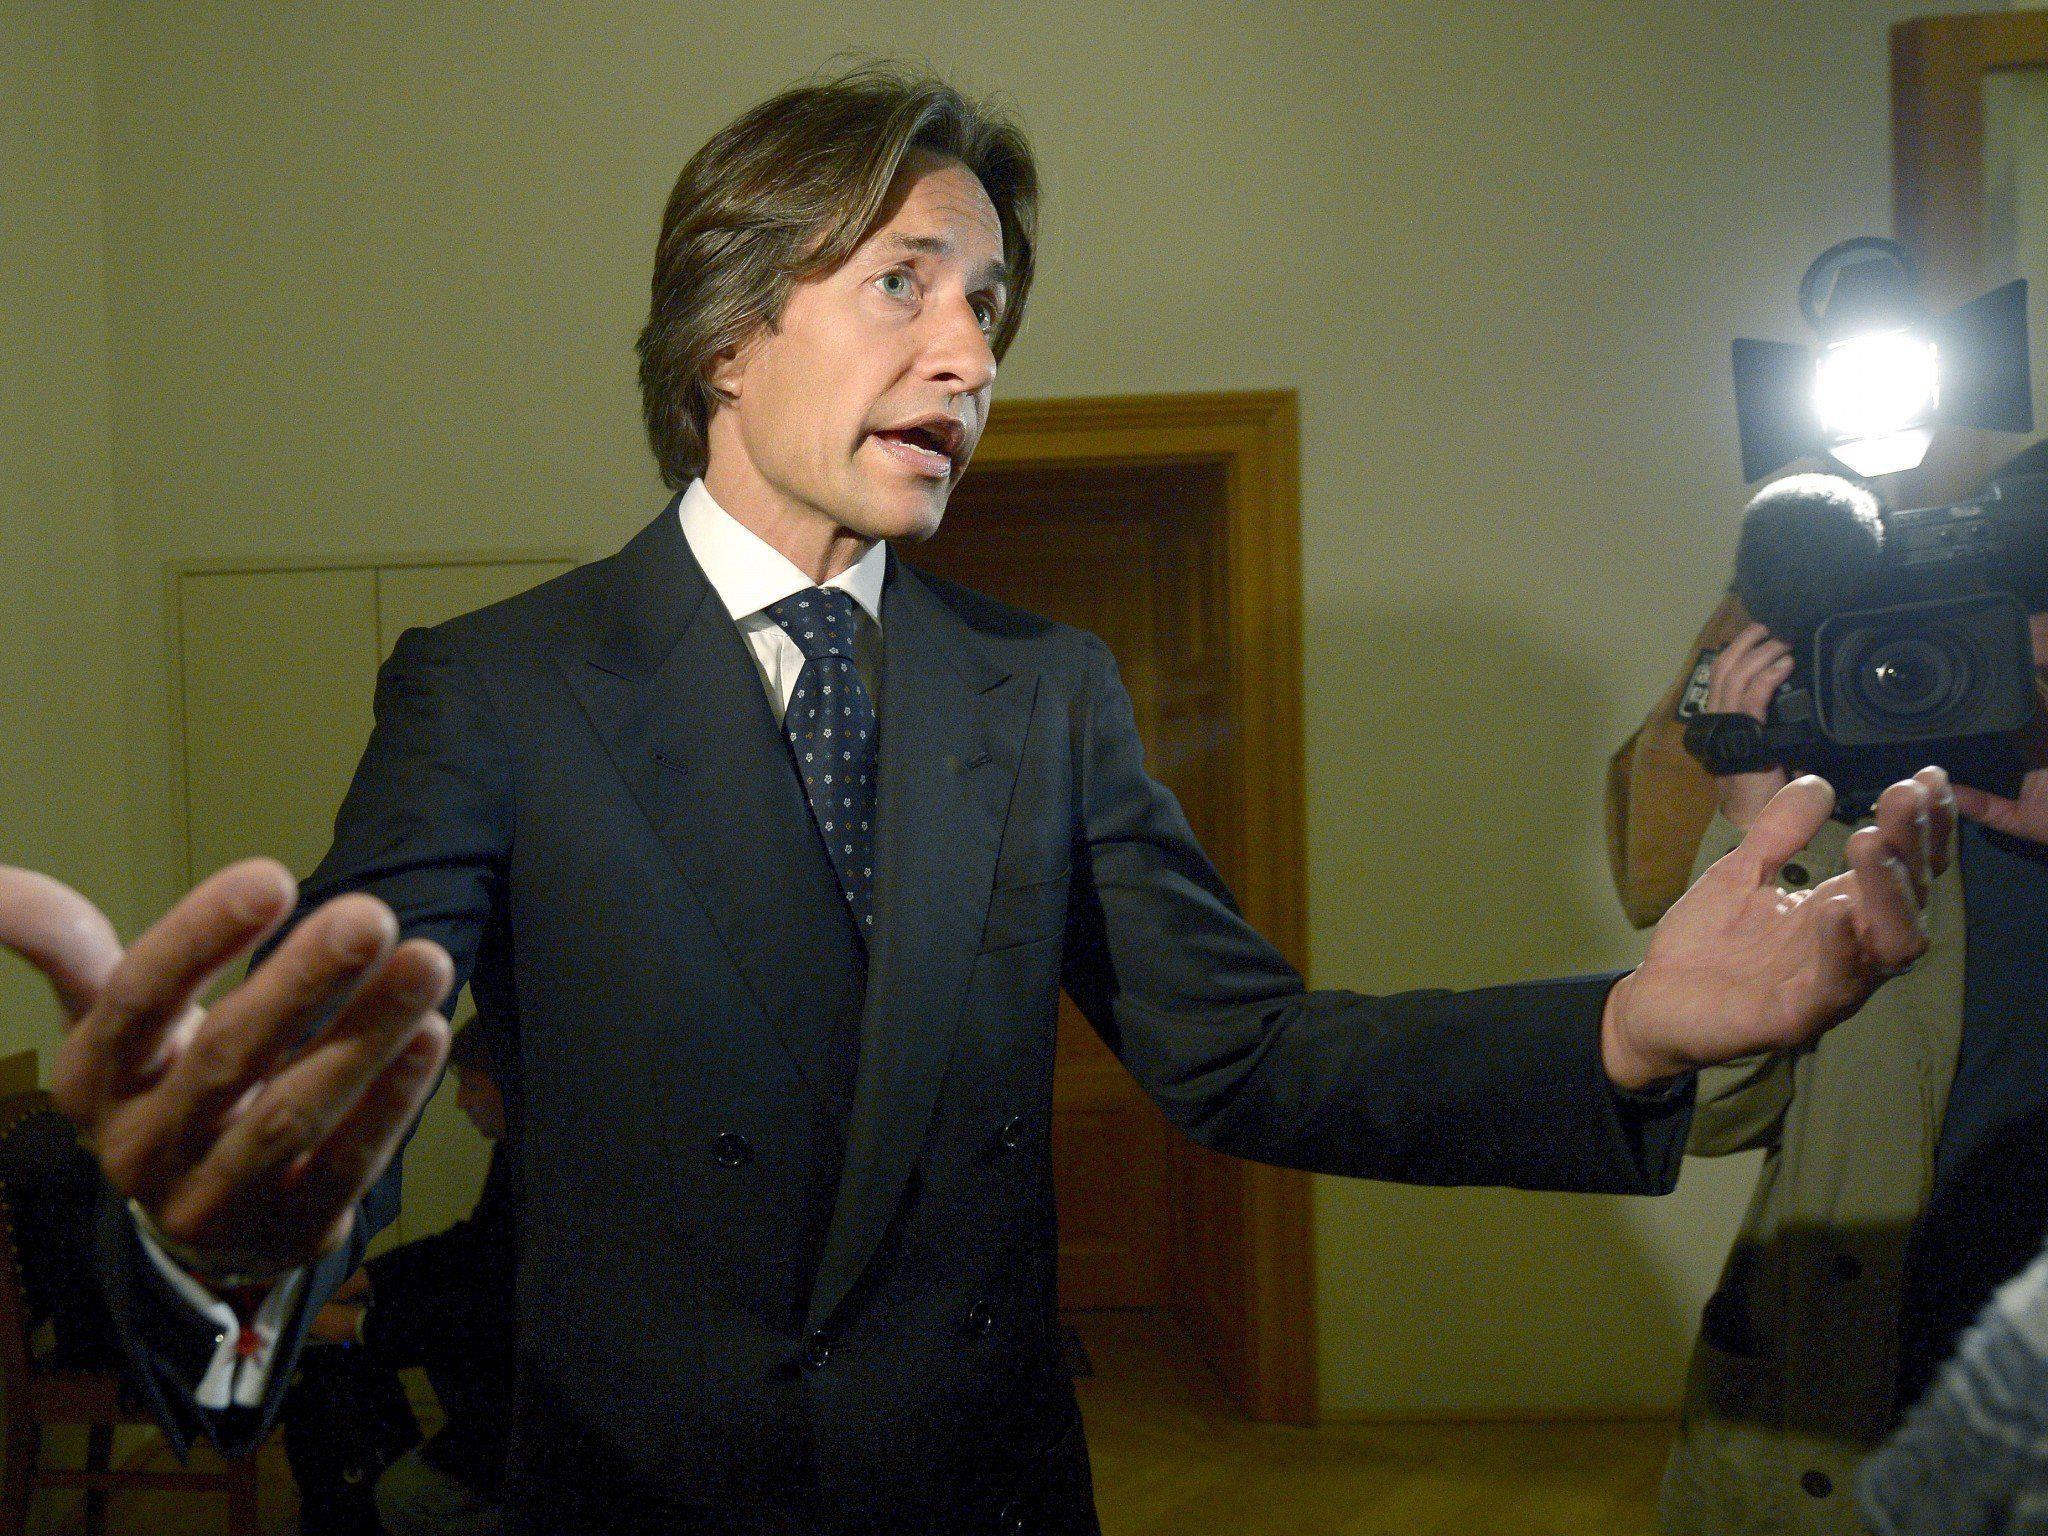 Ex-Finanzminister will Schadenersatz wegen Pressemitteilung über Hausdurchsuchung.